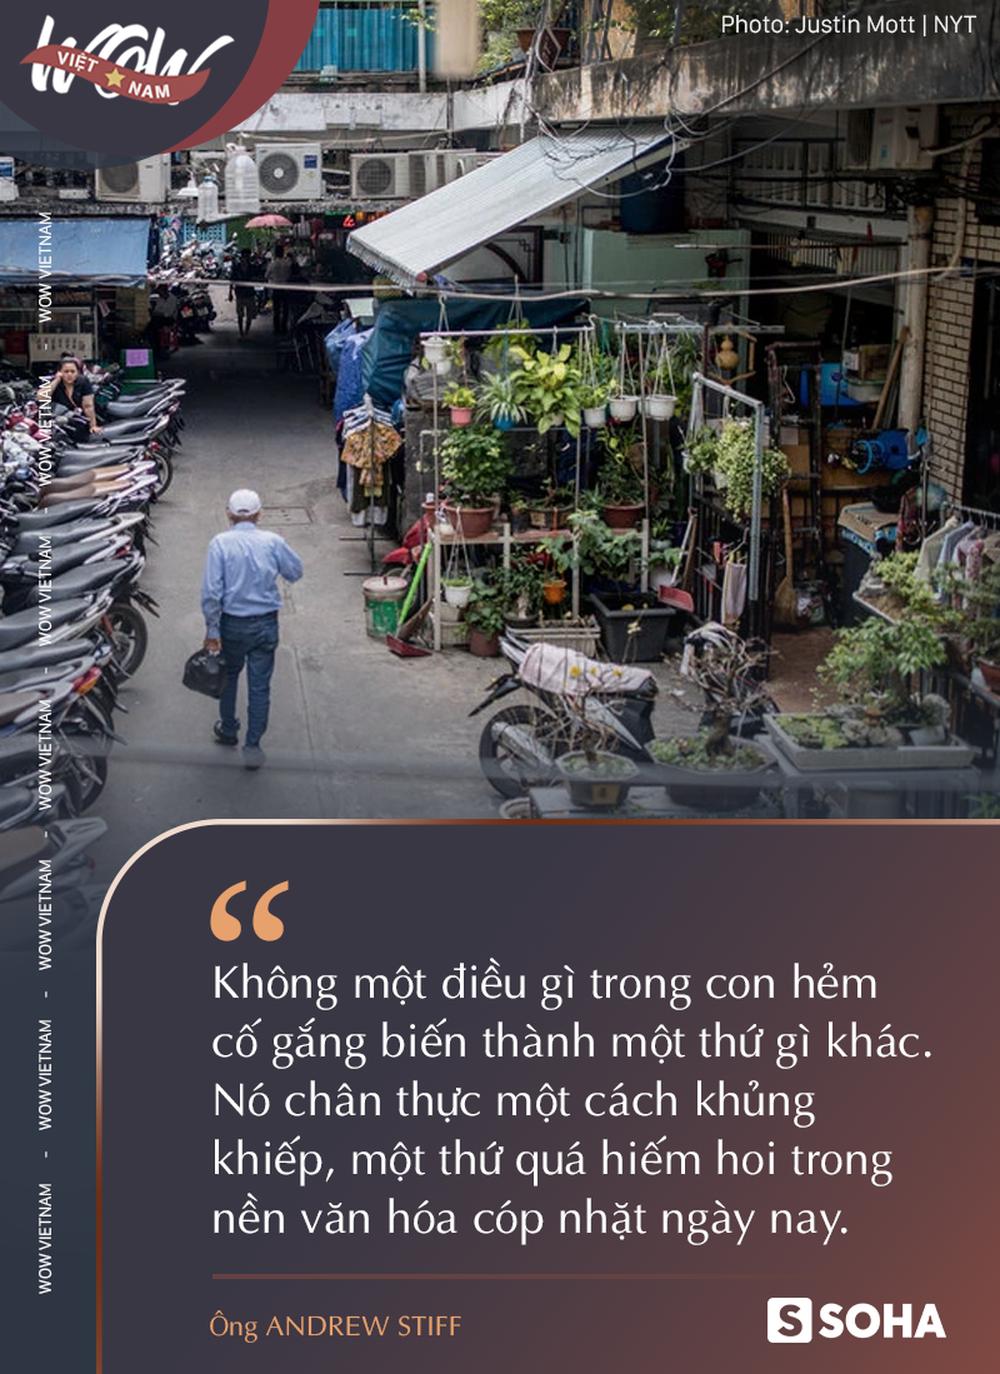 Tiến sỹ Anh: Trải nghiệm nặng đô làm tăng adrenaline trong những con hẻm Sài Gòn - Ảnh 3.